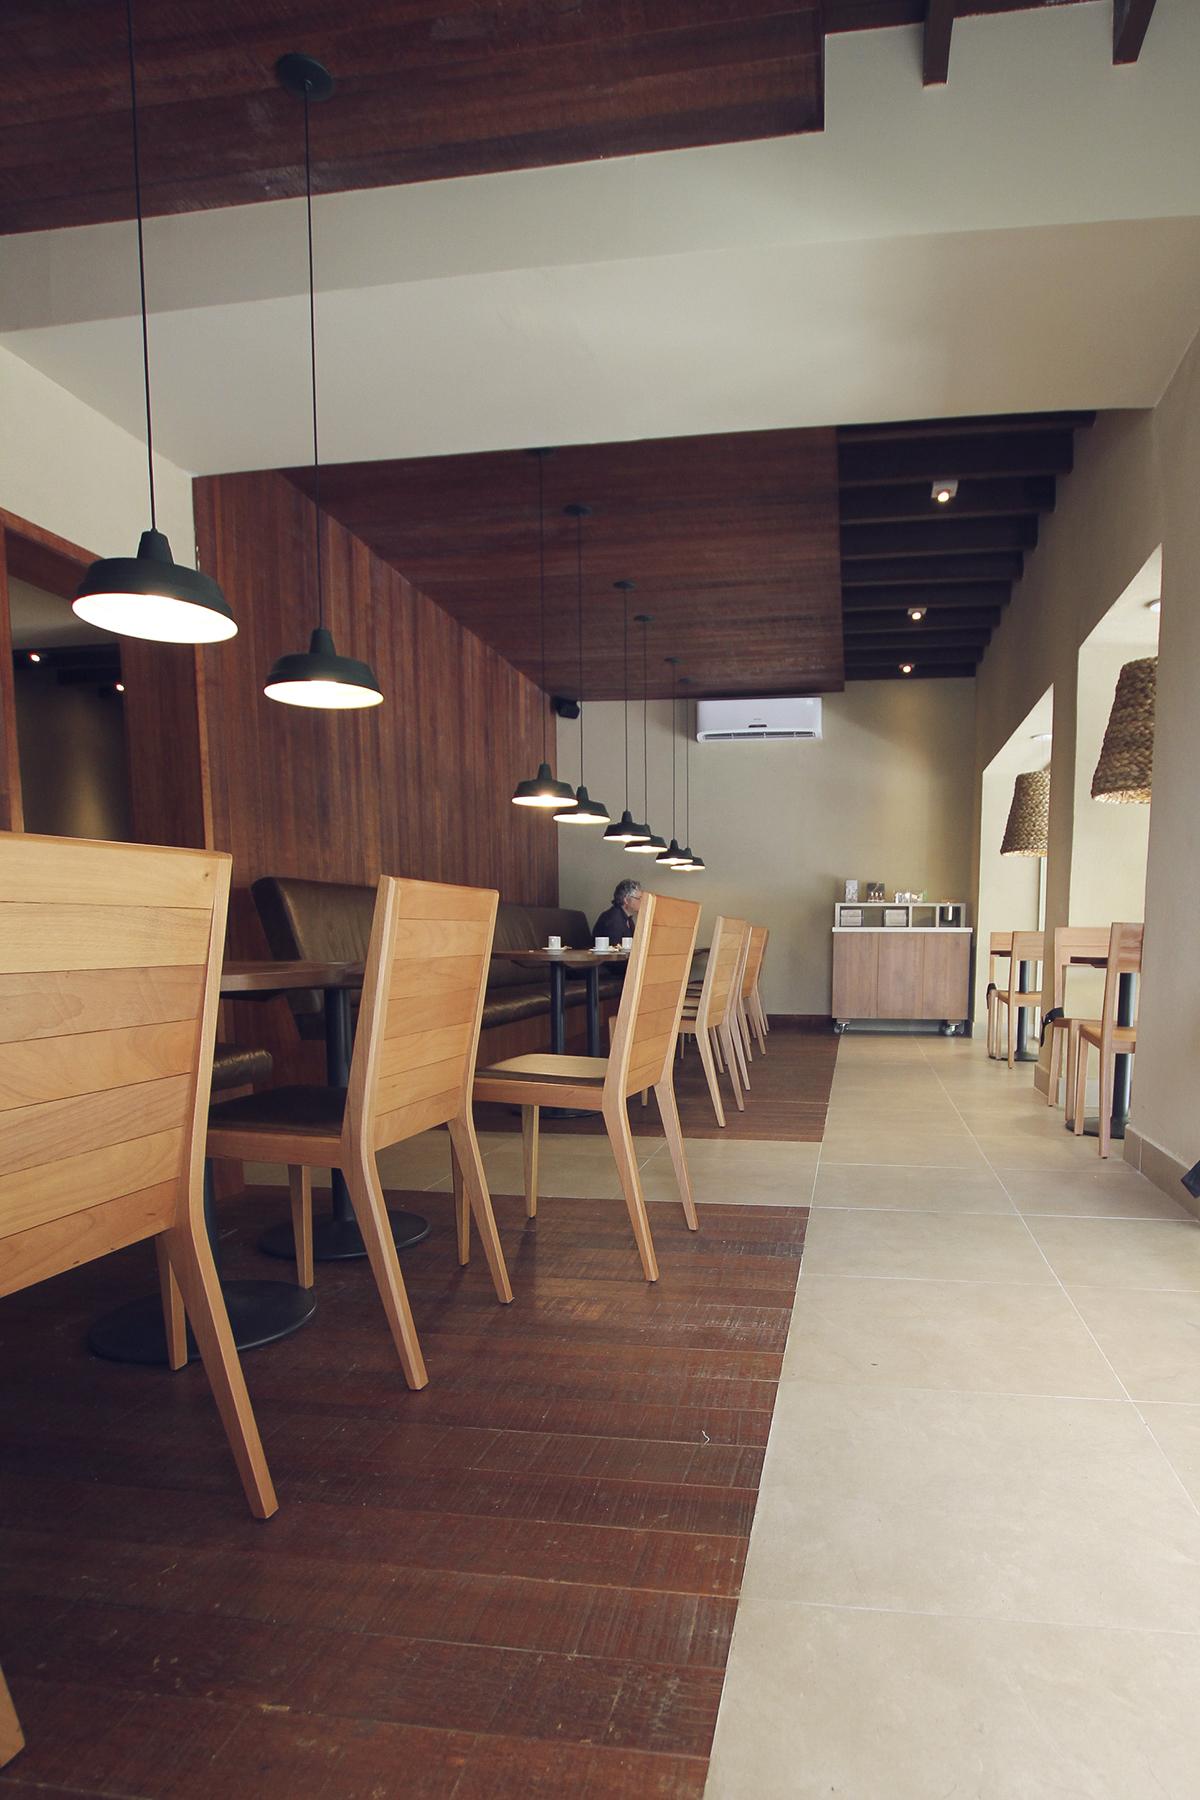 Starbucks07.jpg